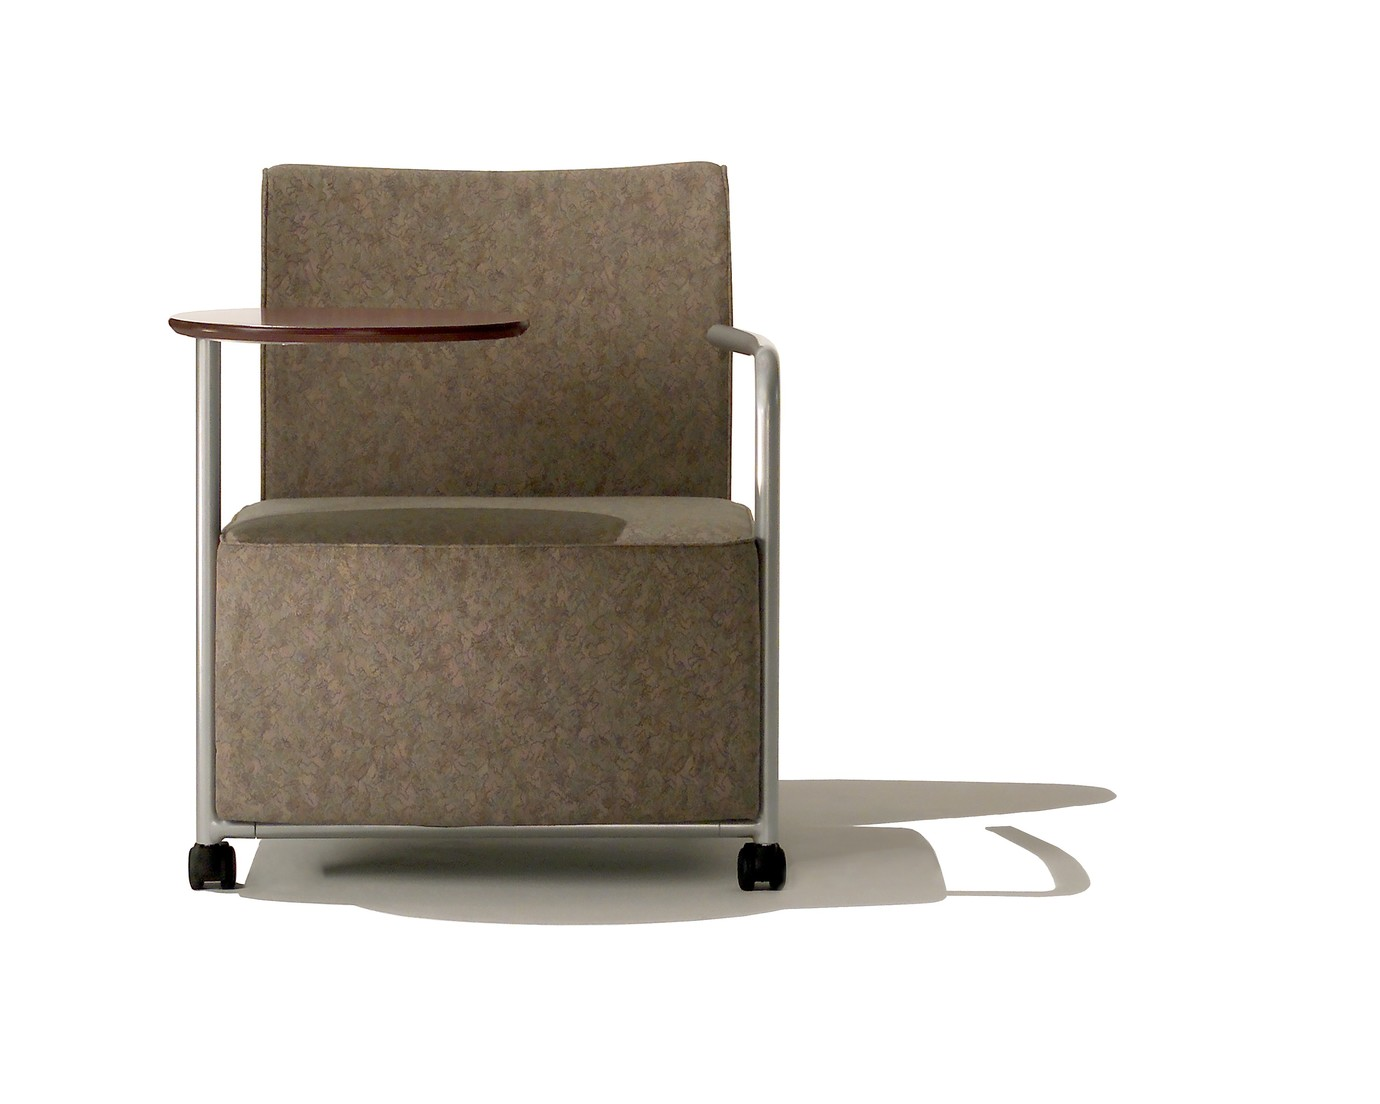 2-Silla-Lounge-Celeste-1-1380